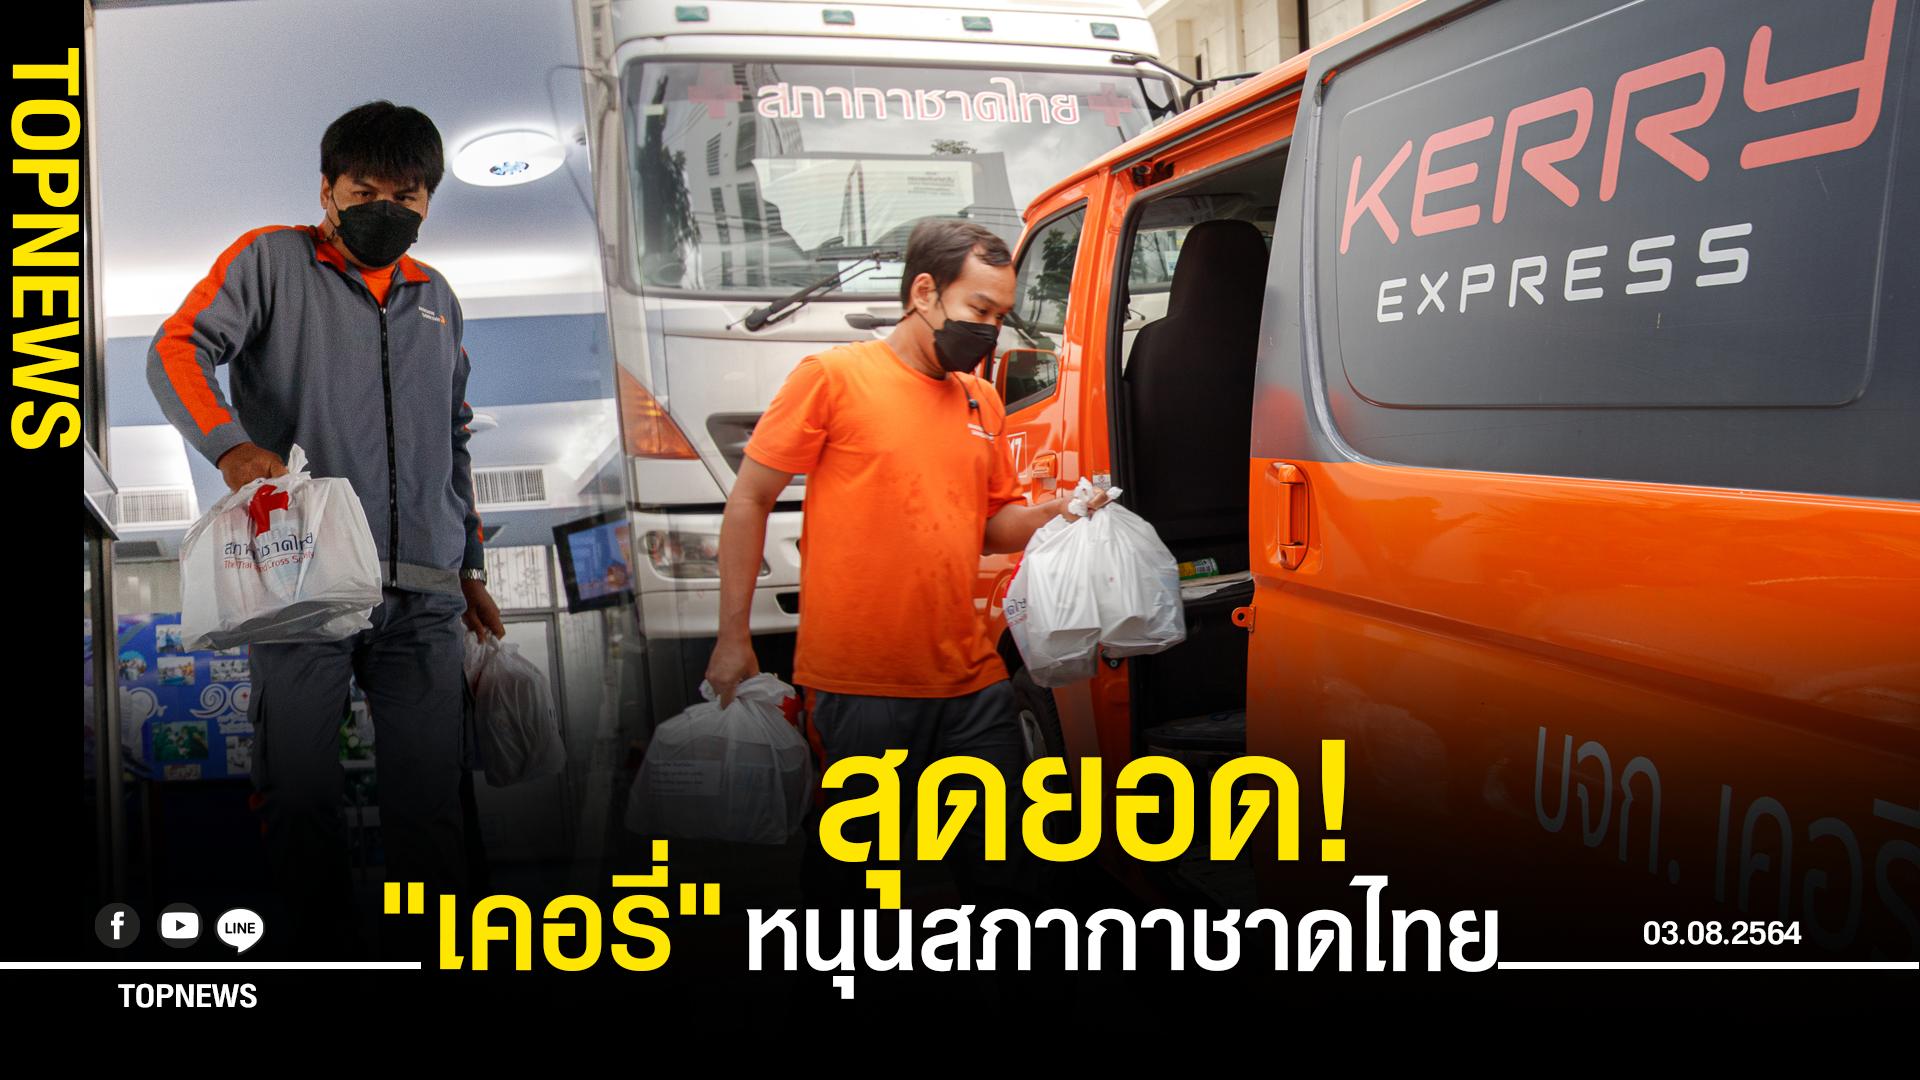 """สุดยอด! """"เคอรี่"""" หนุนสภากาชาดไทย จัดทีมส่งด่วน """"กล่องพ้นภัย"""" ช่วยผู้ป่วยโควิด-19"""